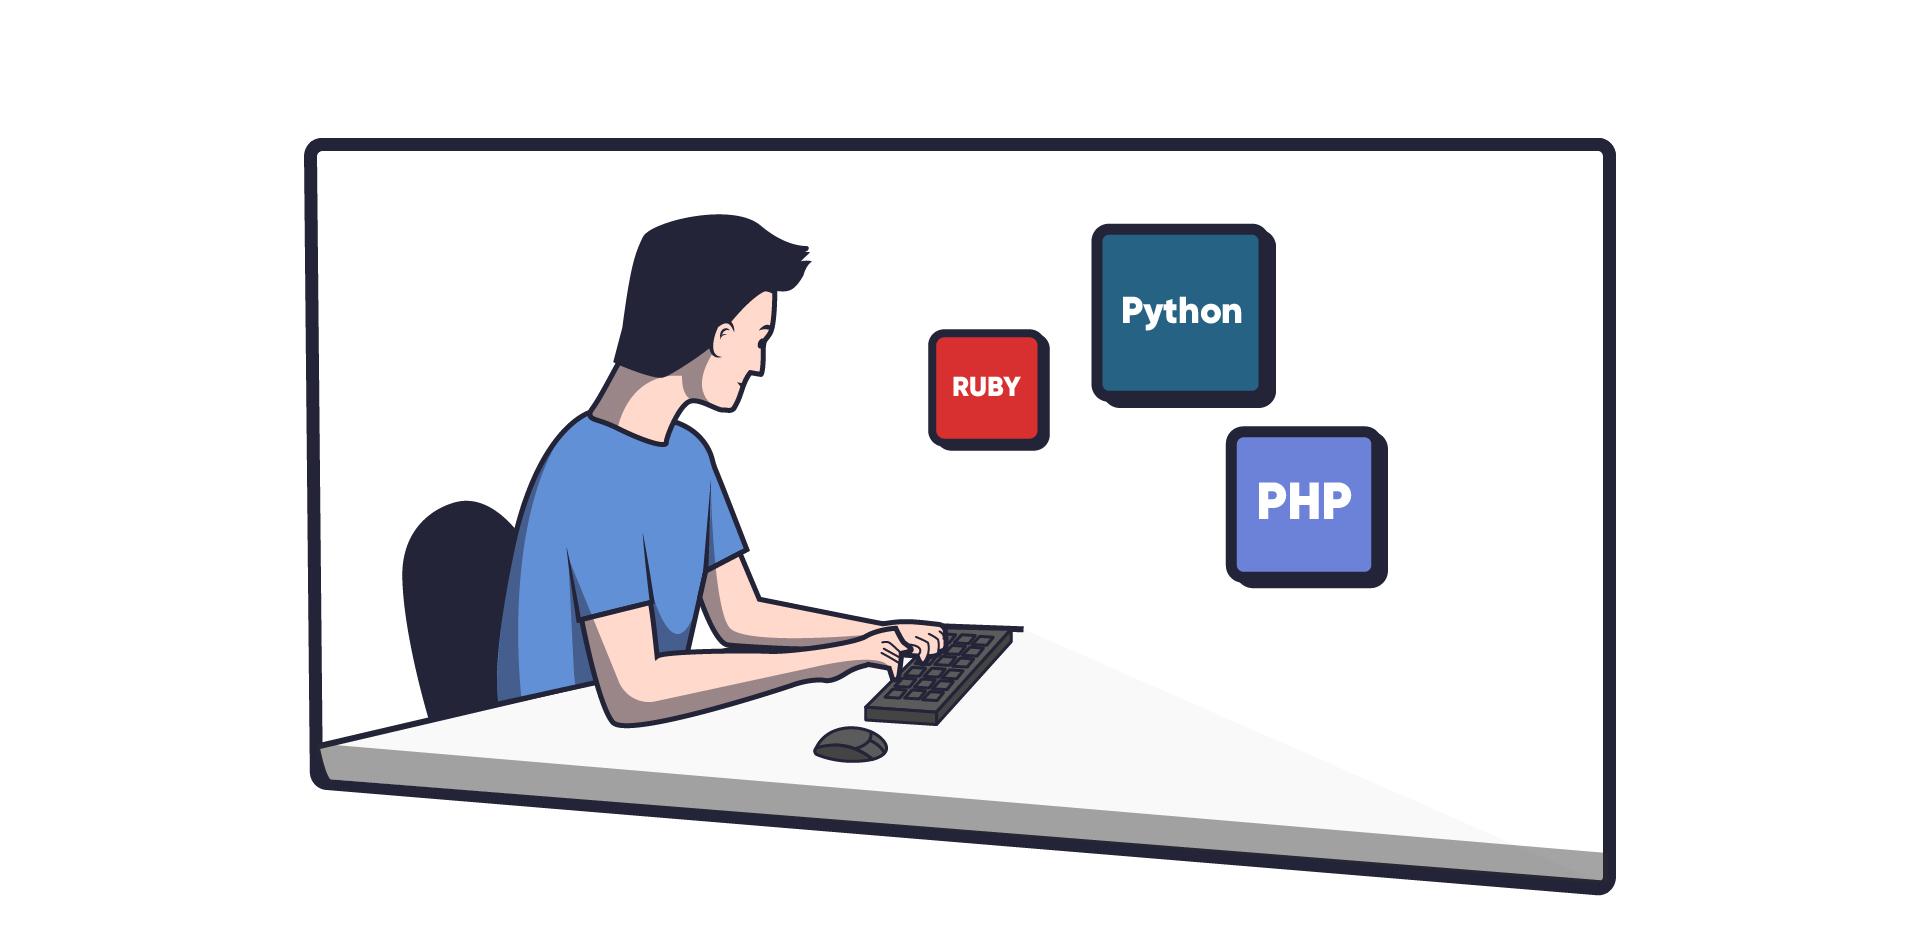 back-end-developer-and-languages.jpg